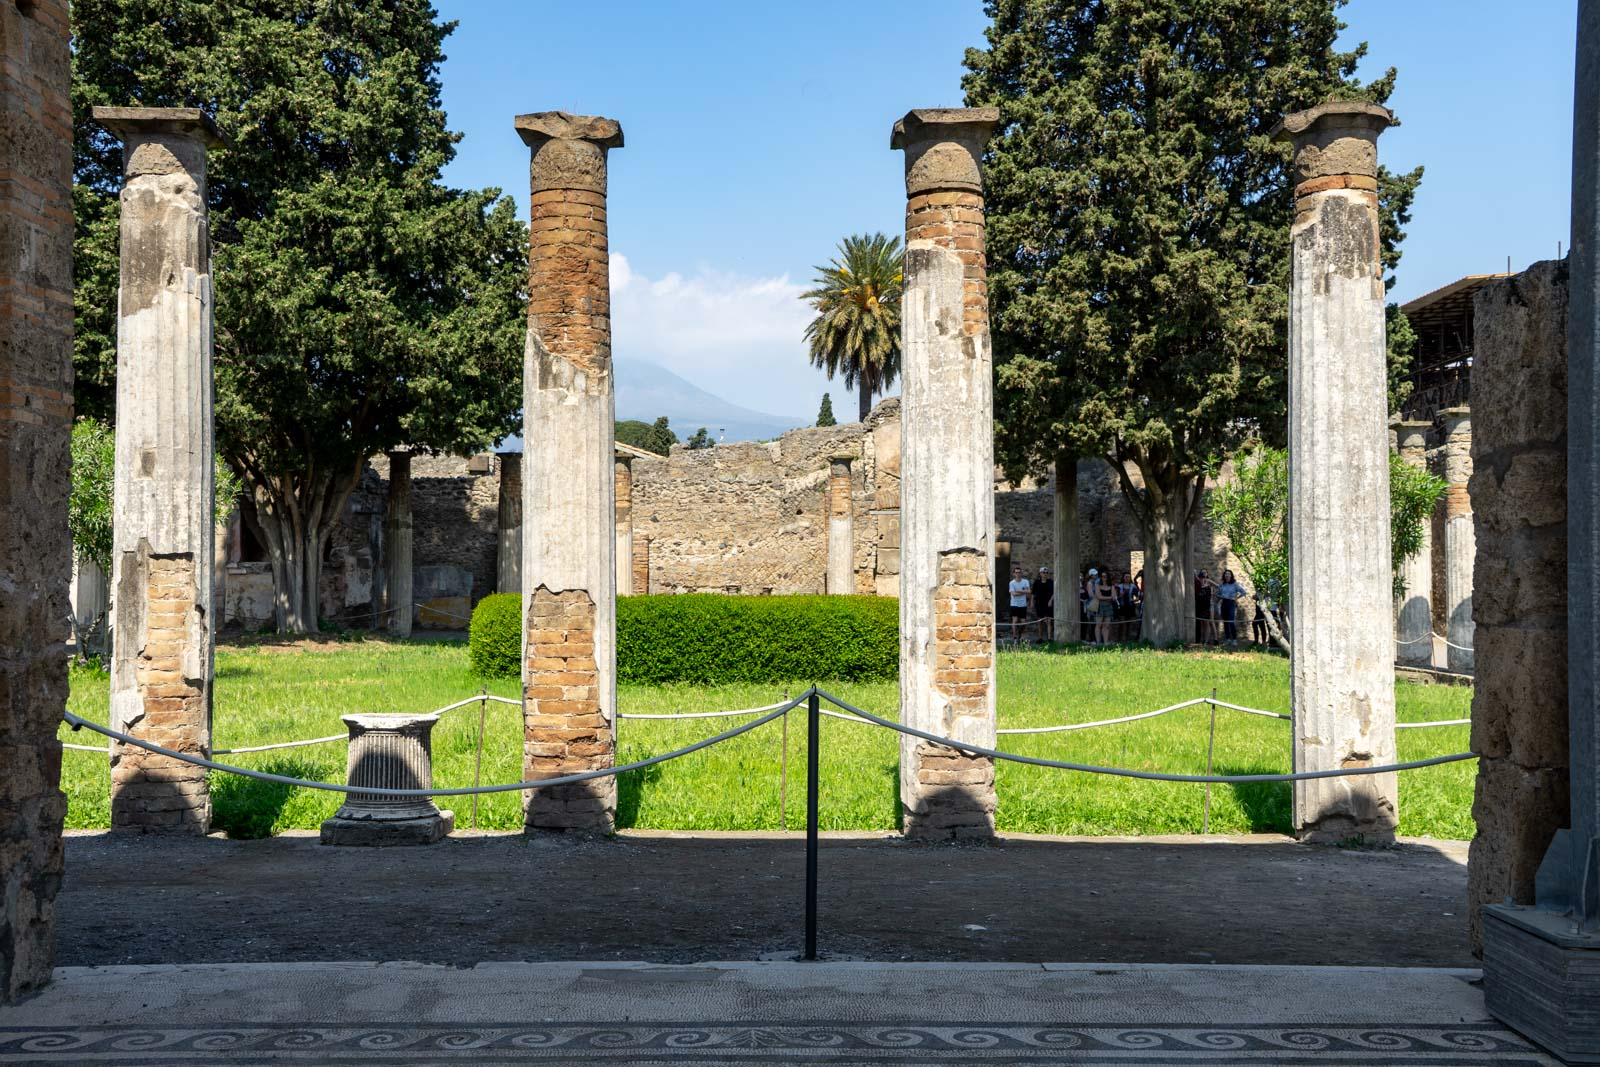 House of the Faun, Pompeii, Italy